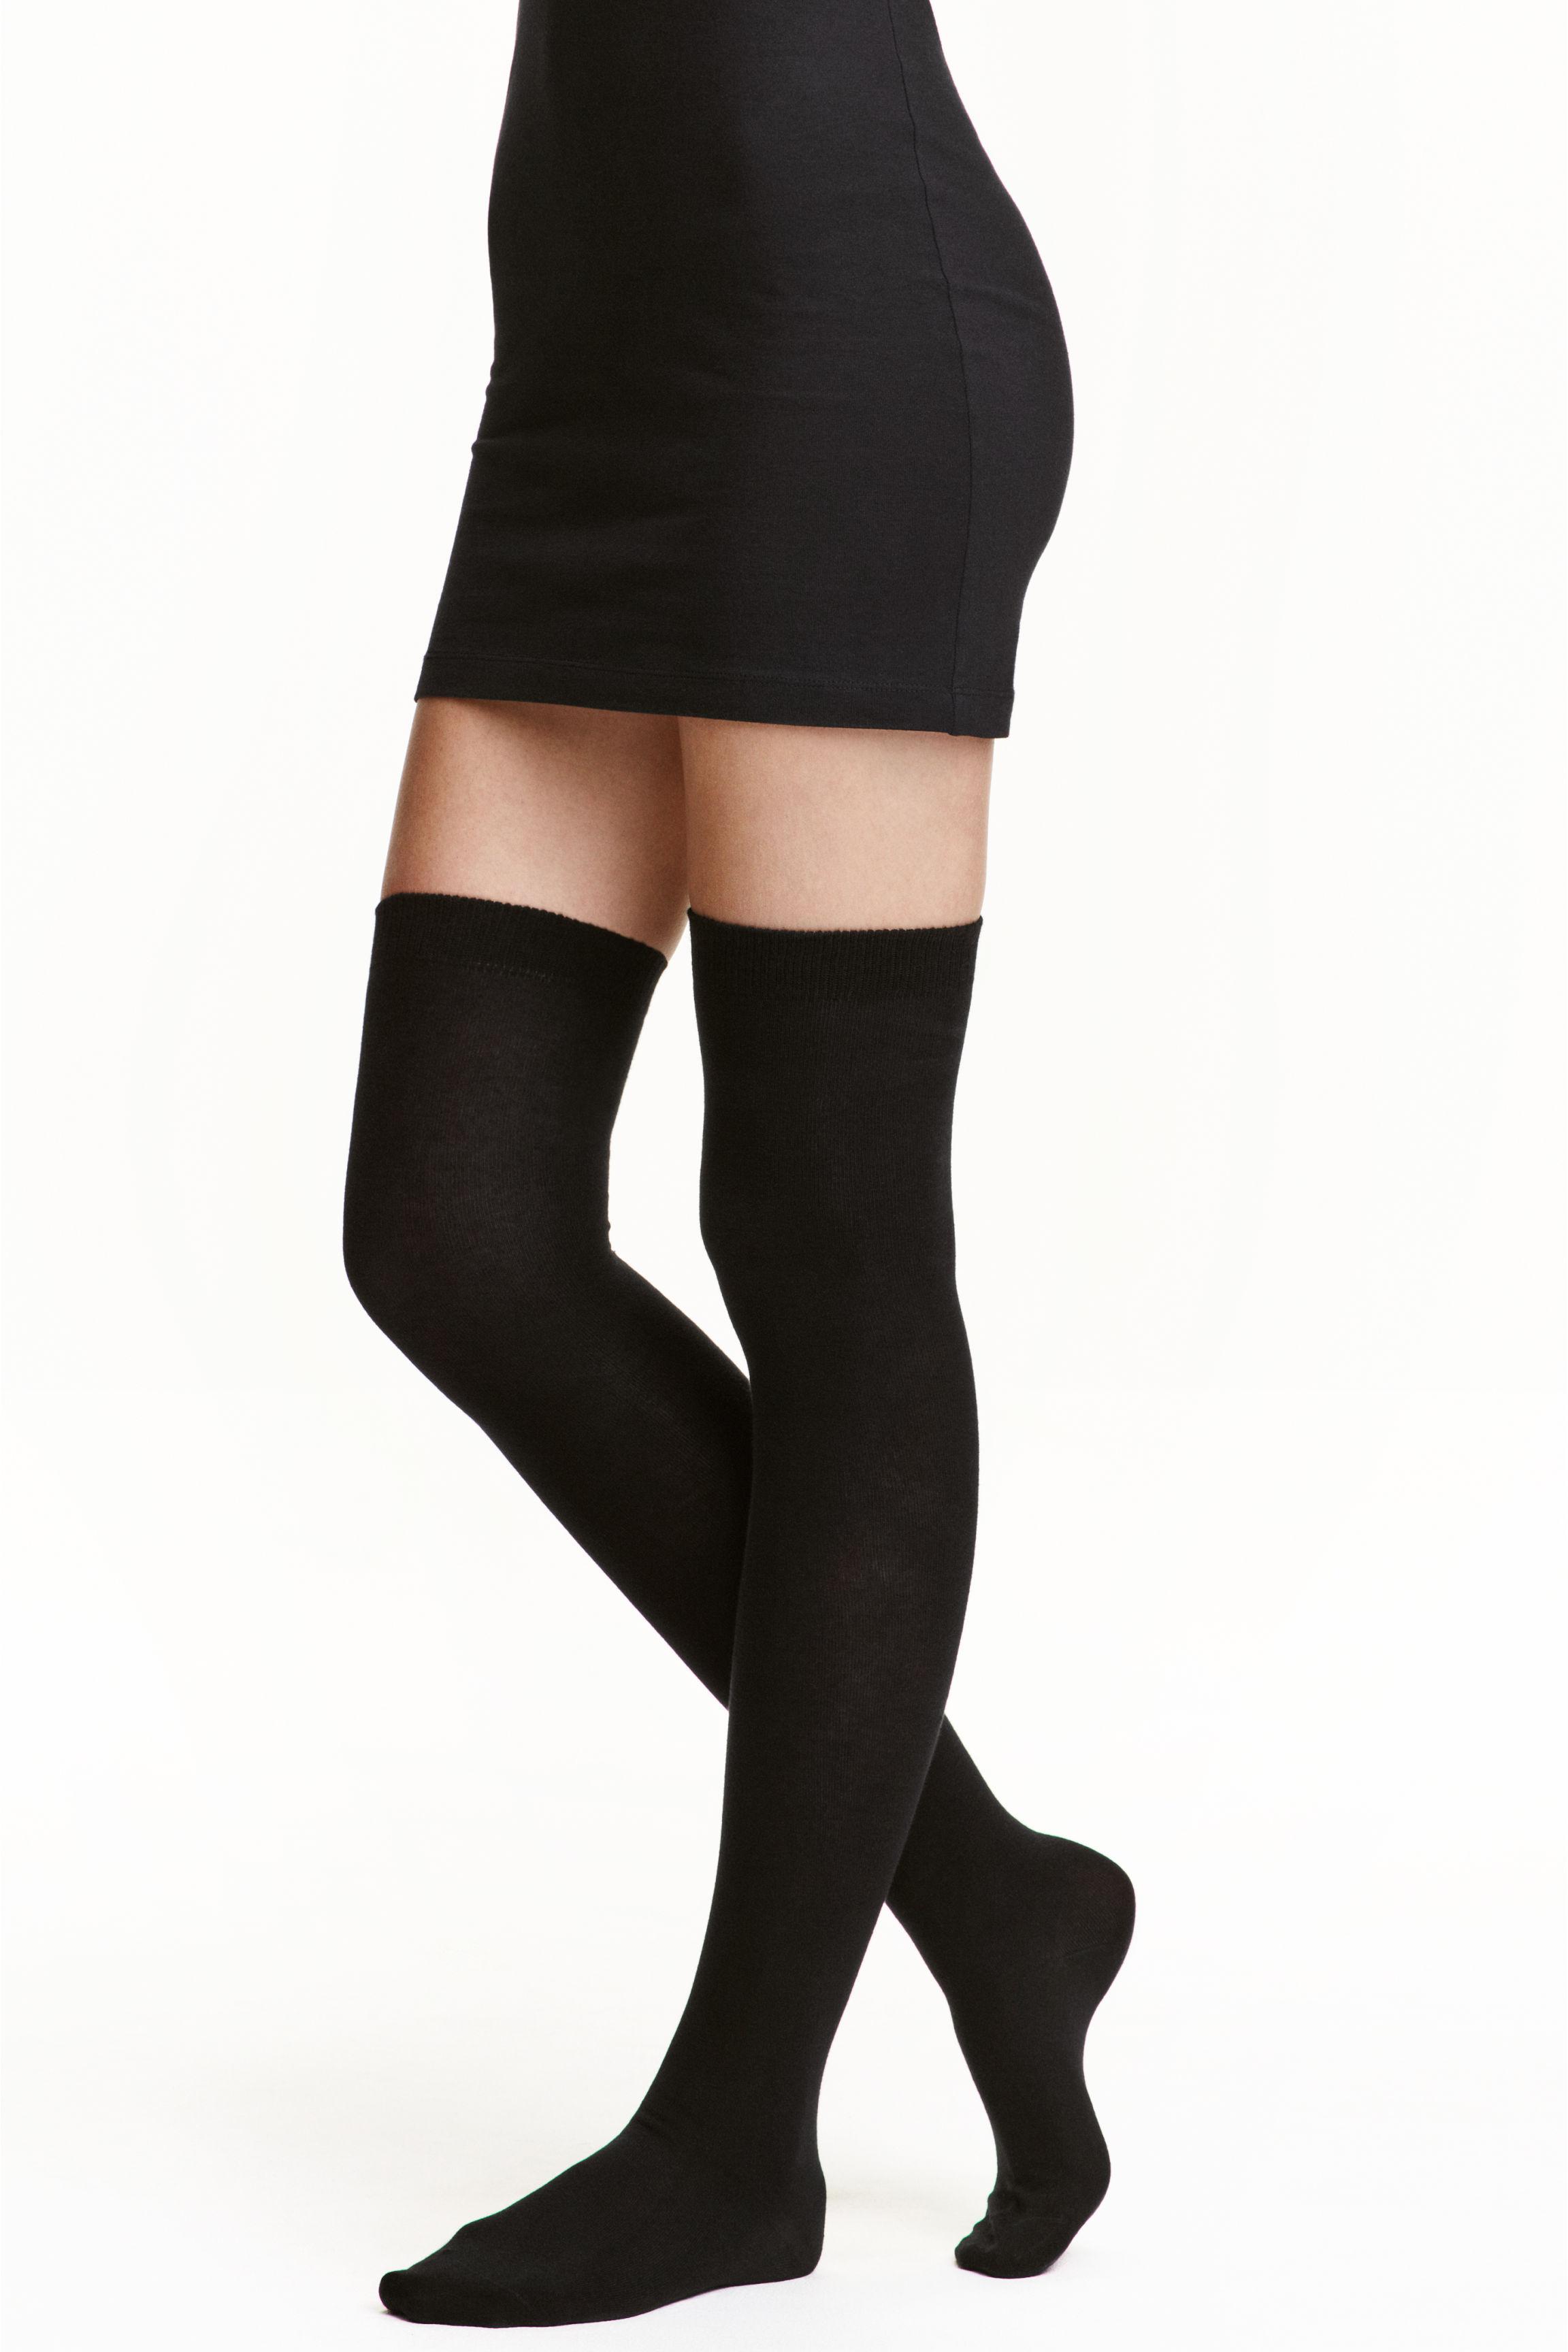 ea607565b Over-knee Socks - Black -